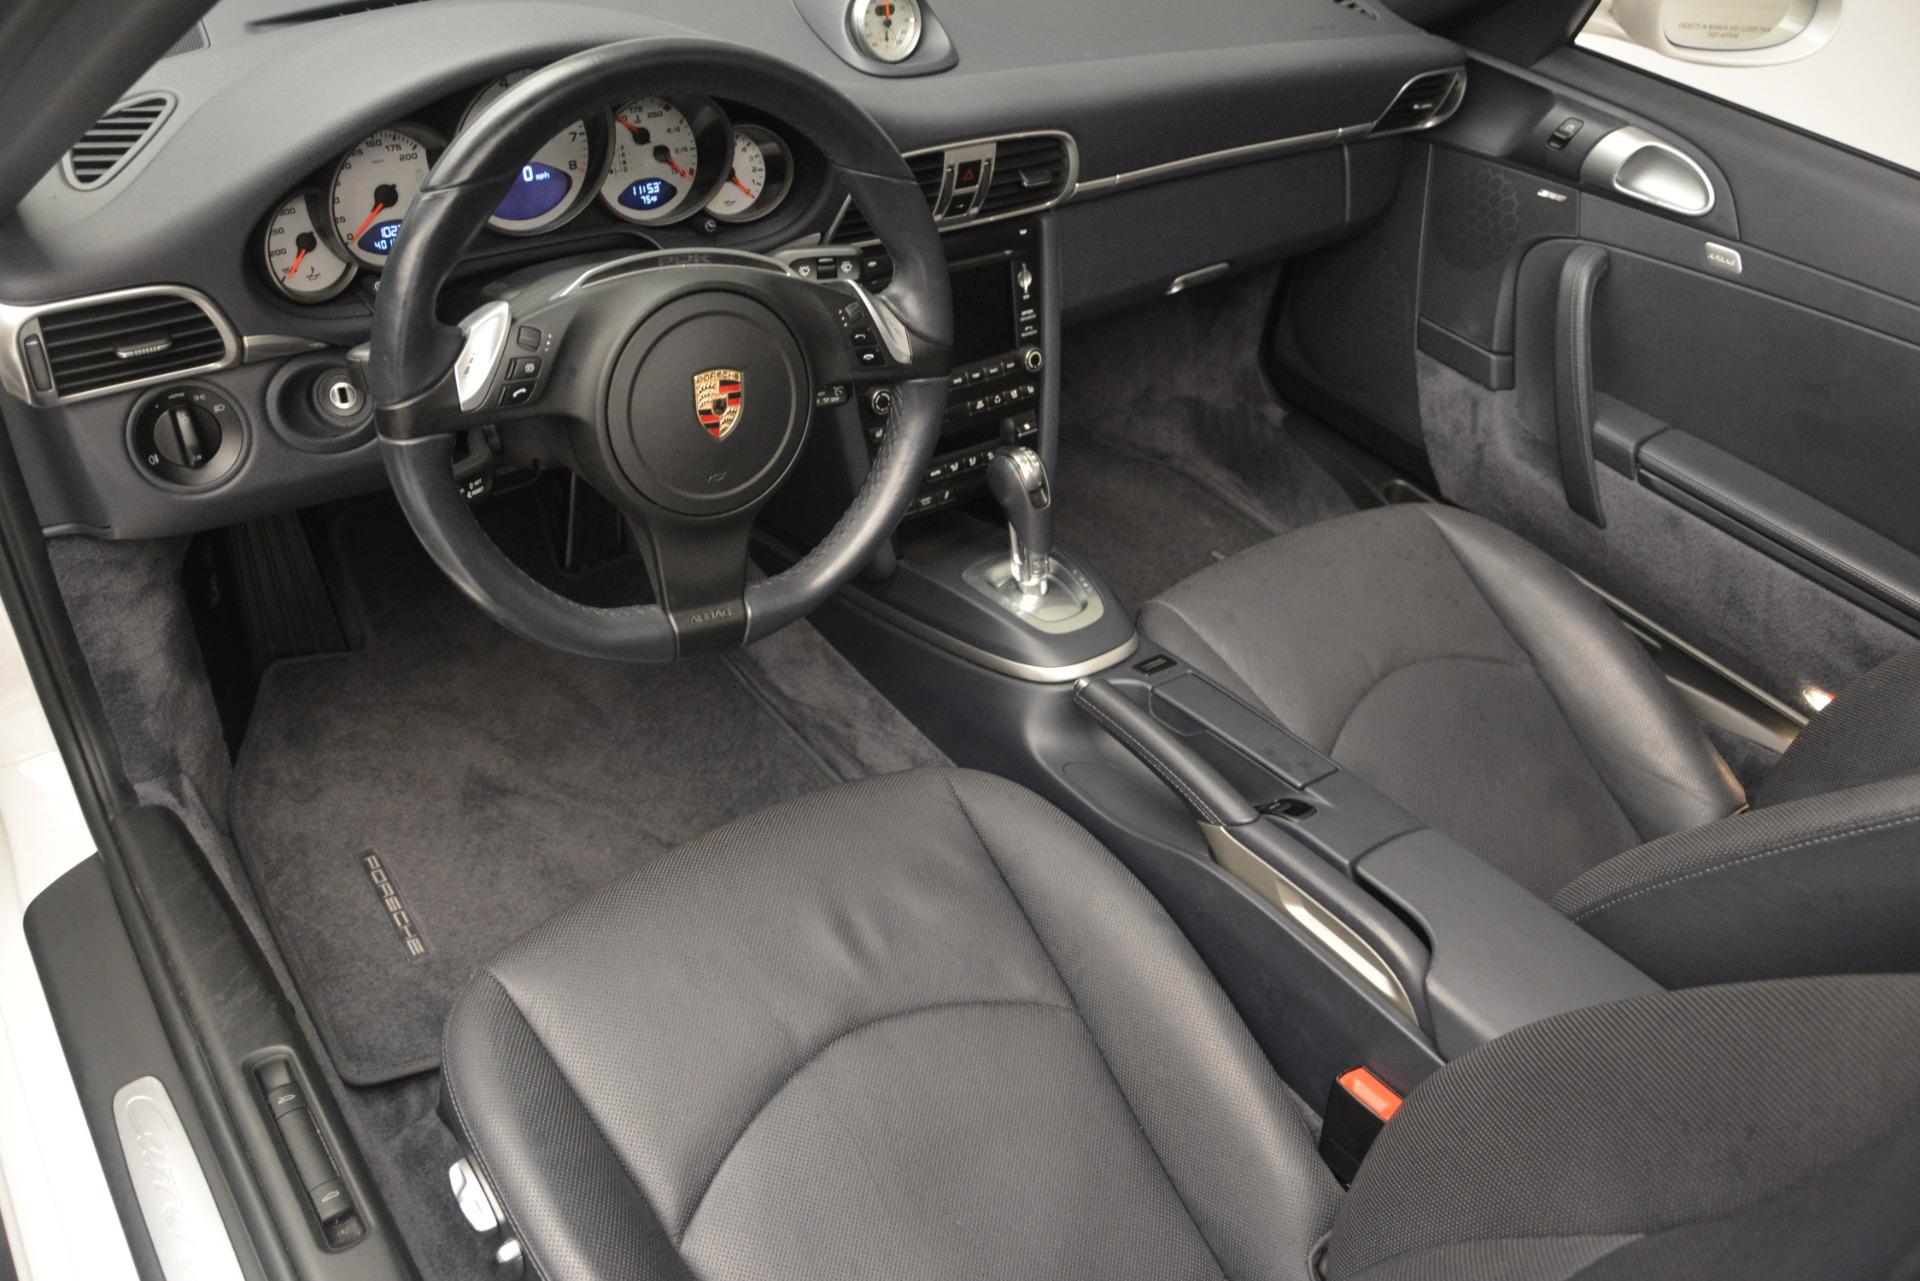 Used 2011 Porsche 911 Carrera 4S For Sale In Westport, CT 2600_p17